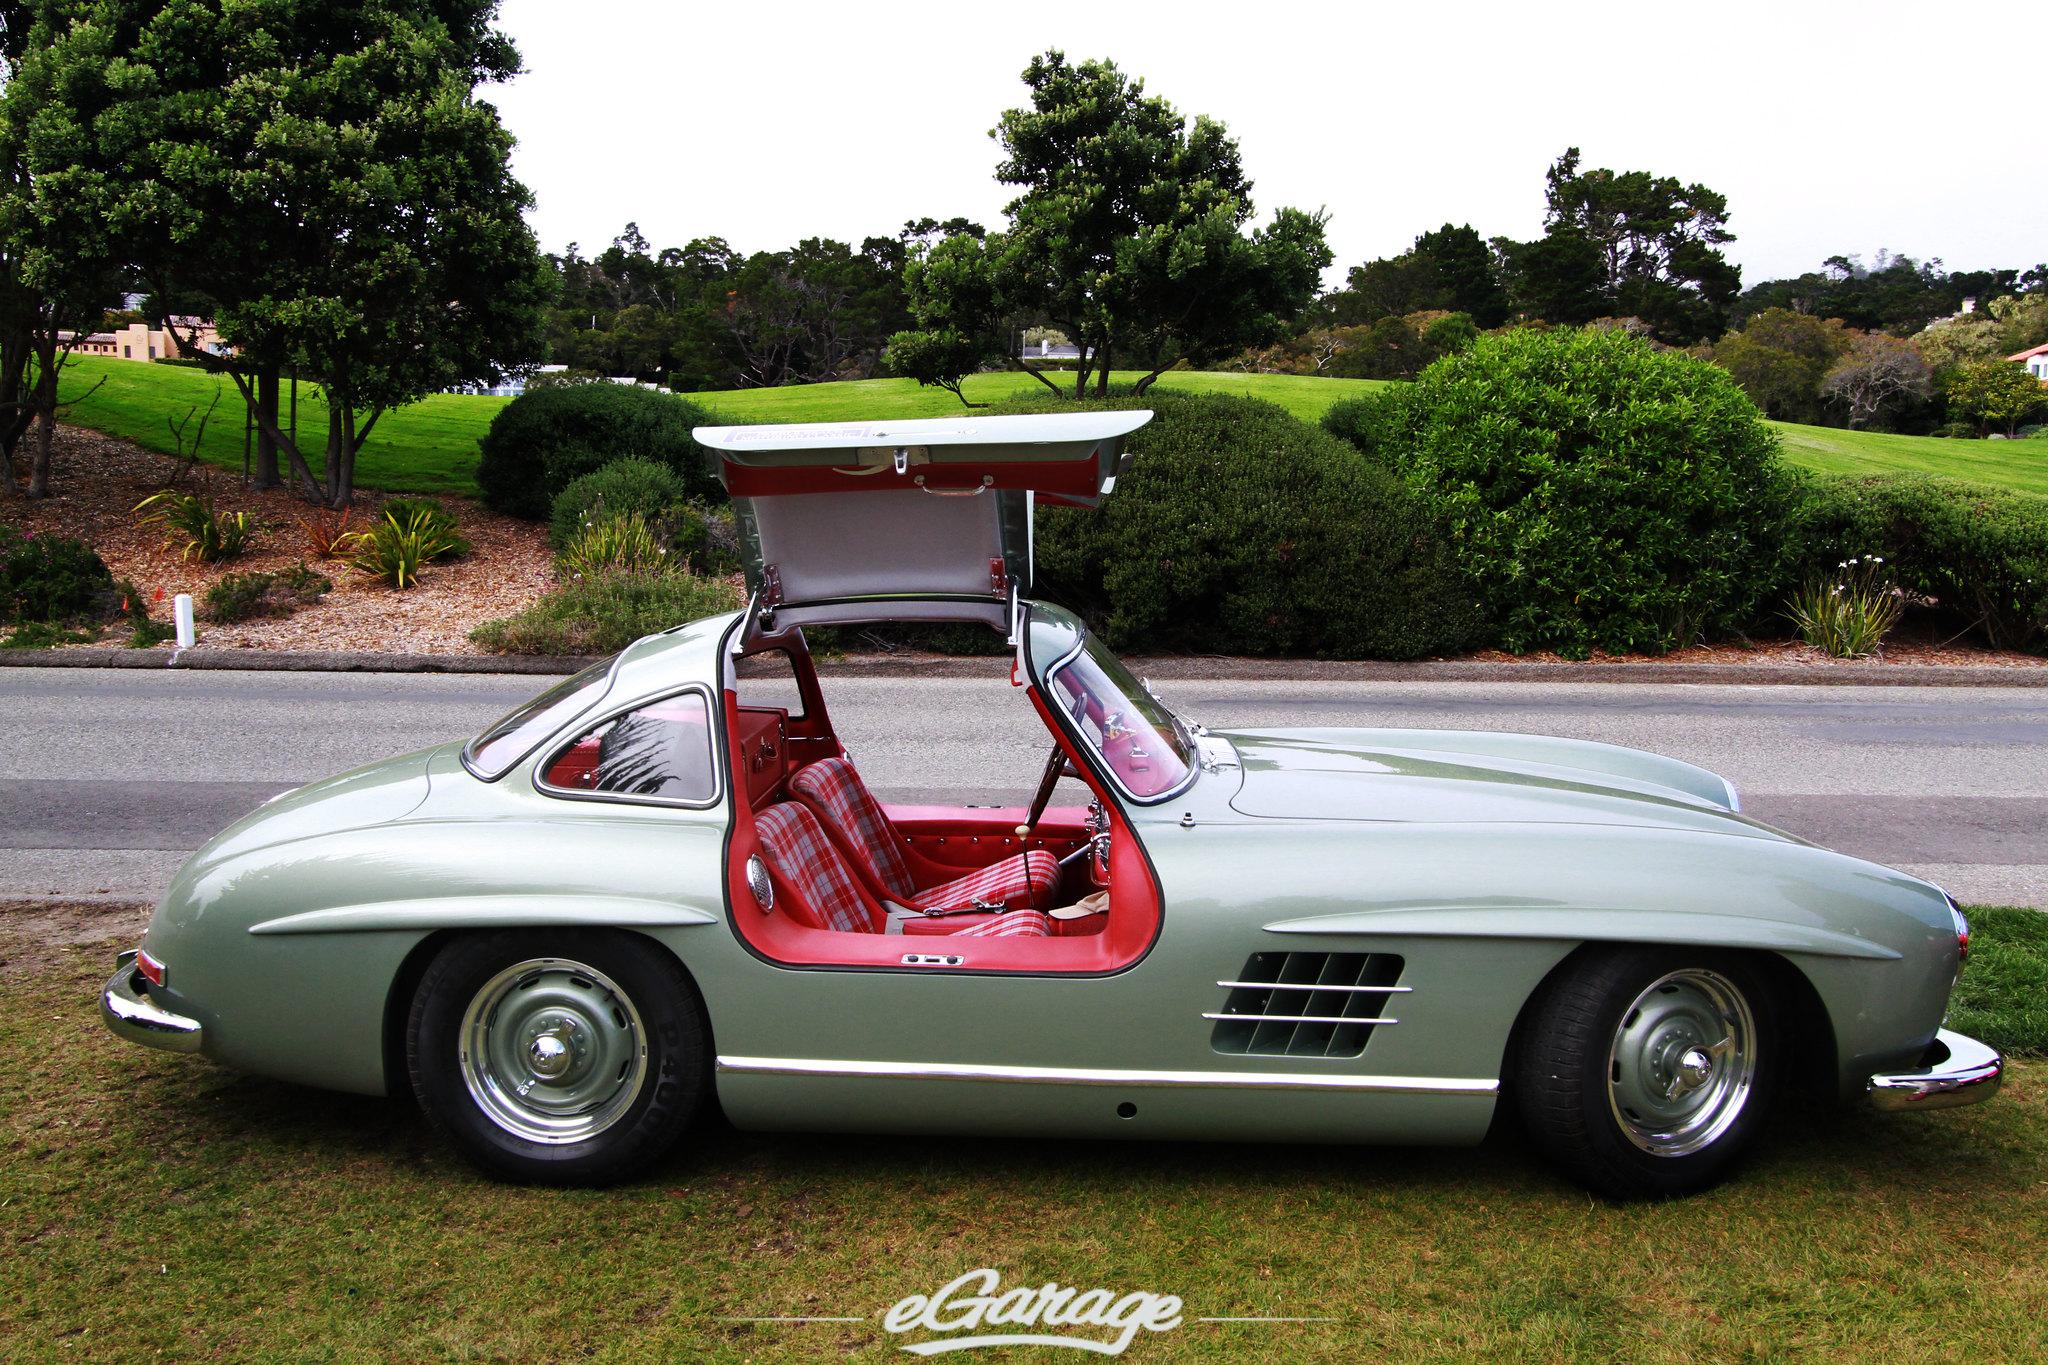 7828935544 36d8883dc9 k Mercedes Benz Classic